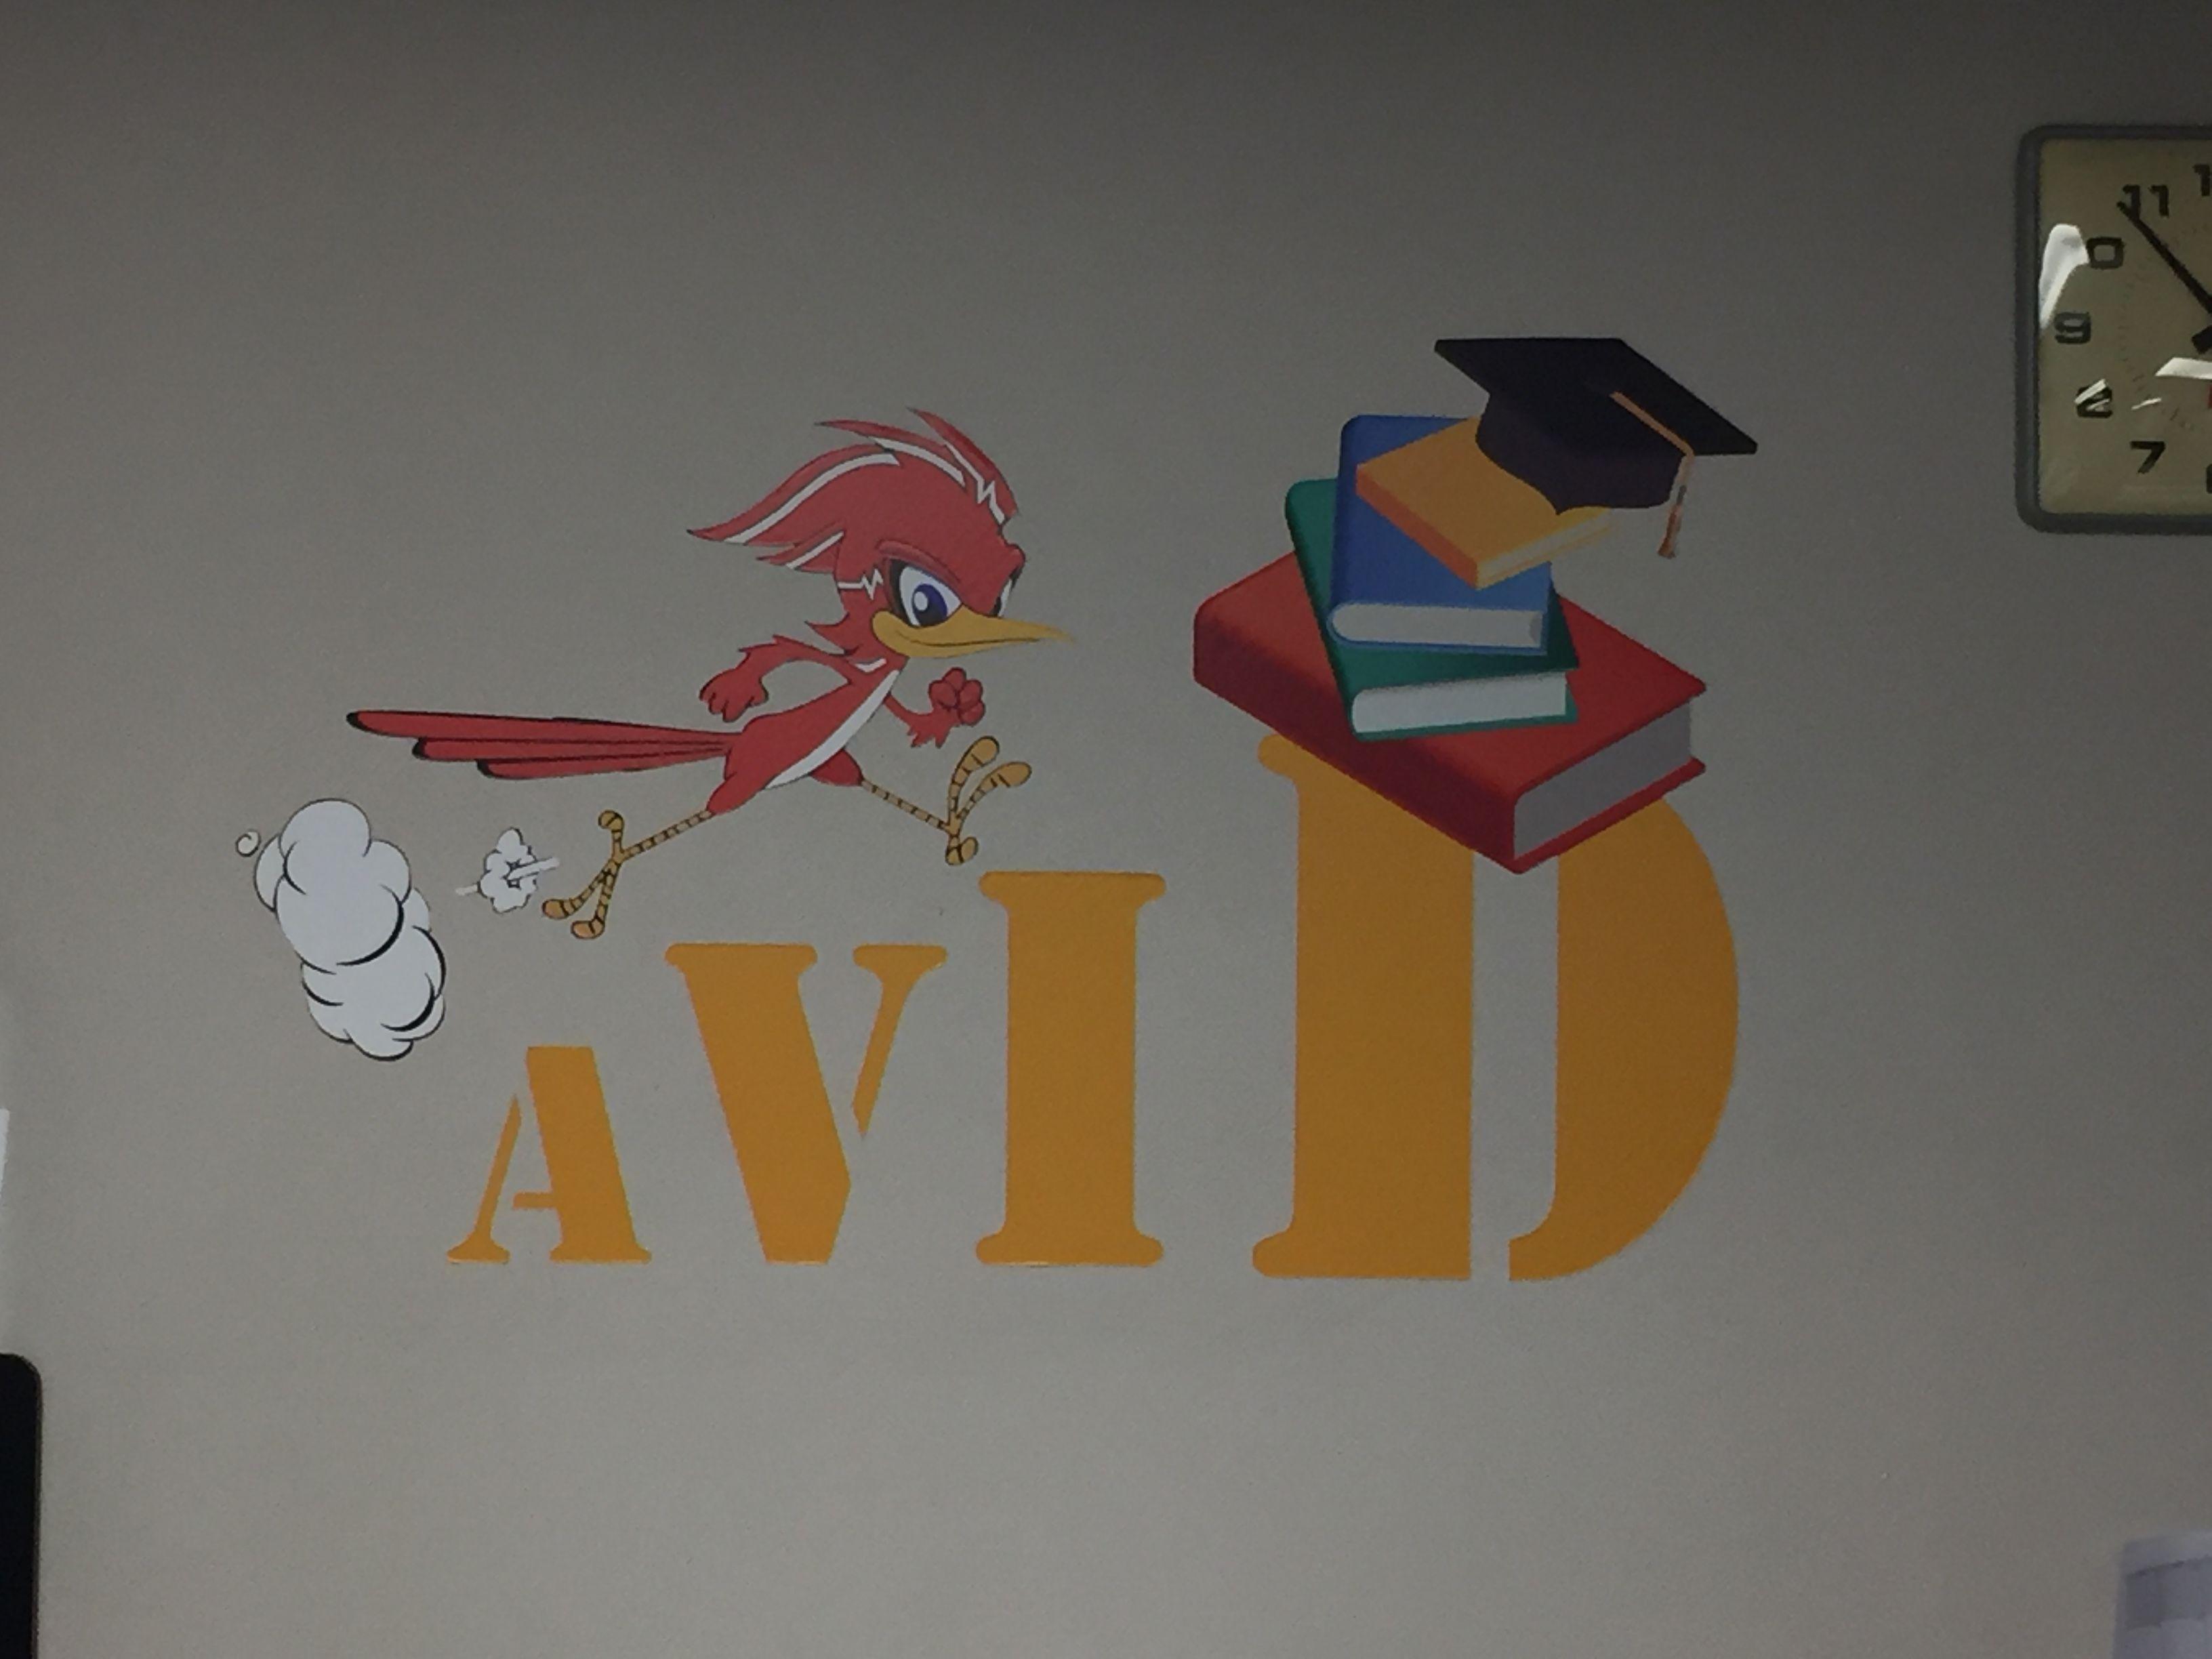 Pin By Hemet Usd Professional Develop On Avid Elementary